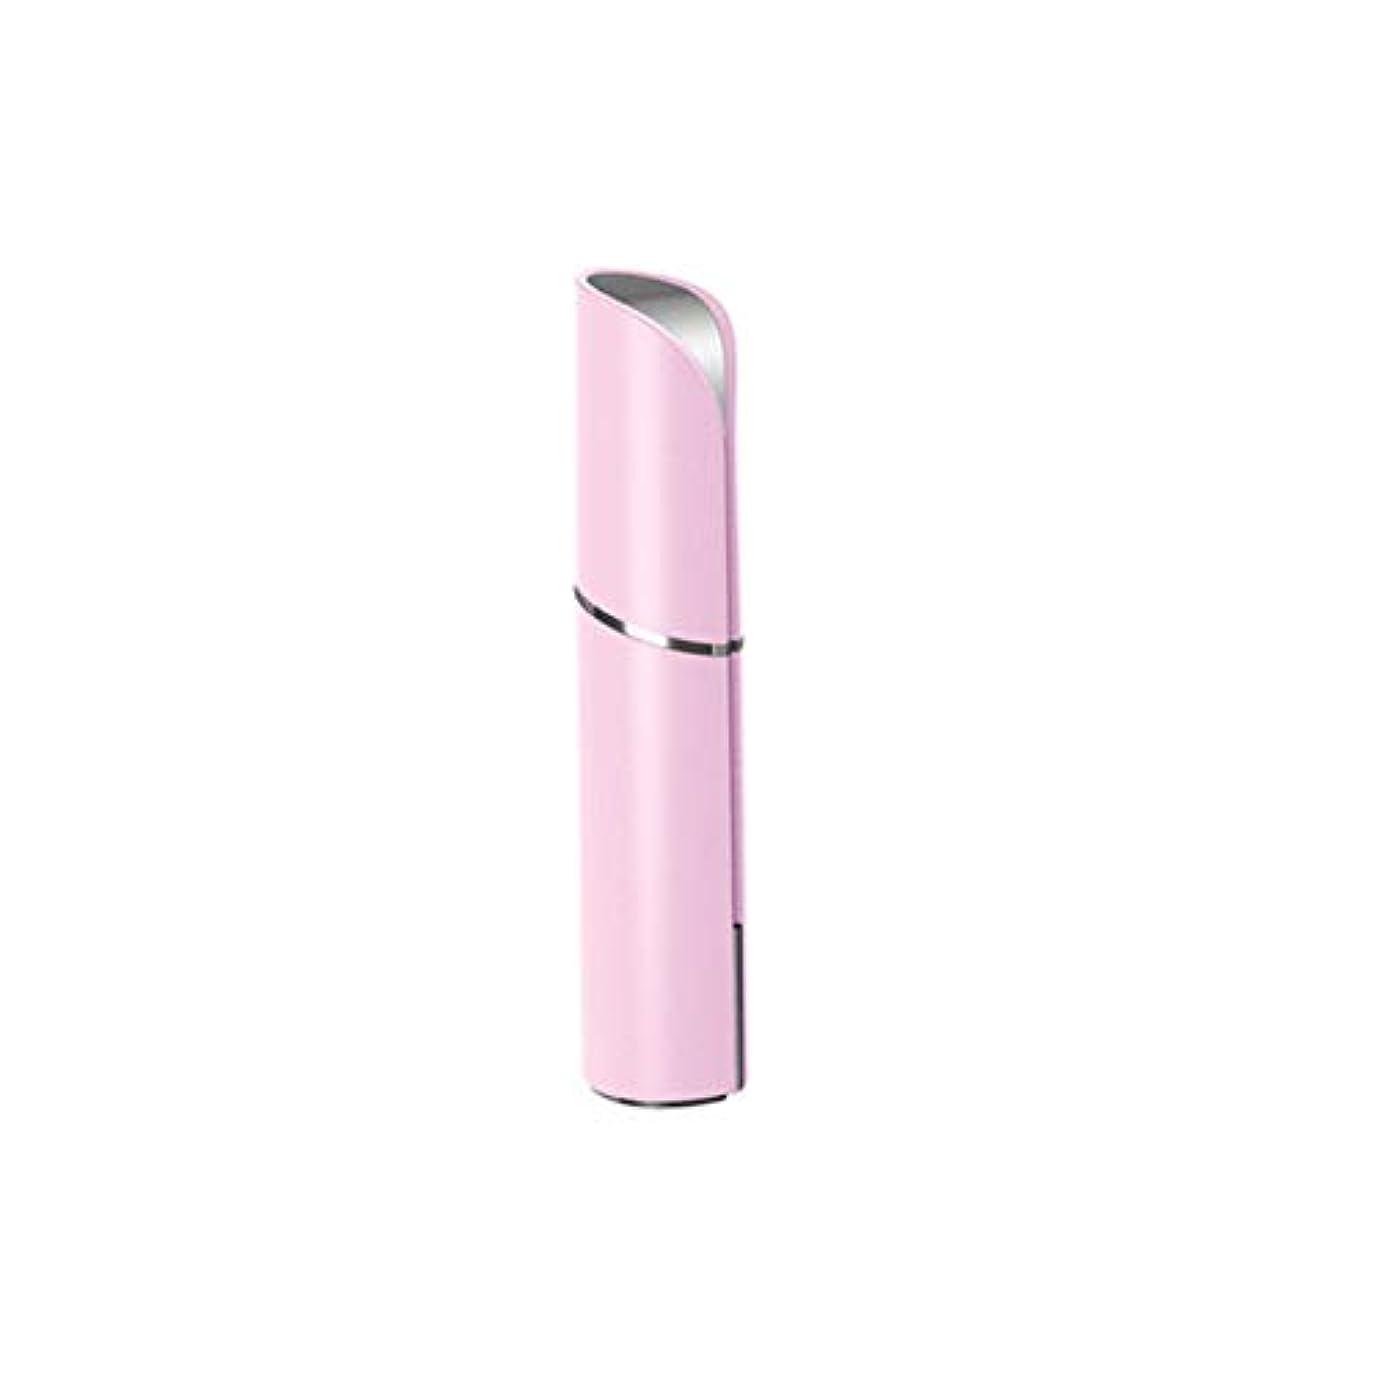 故障中ソフトウェア尋ねるマッサージャー - 黒丸アンチリンクルアイバッグ美容機器アーティファクト女性に行く (Color : Pink)